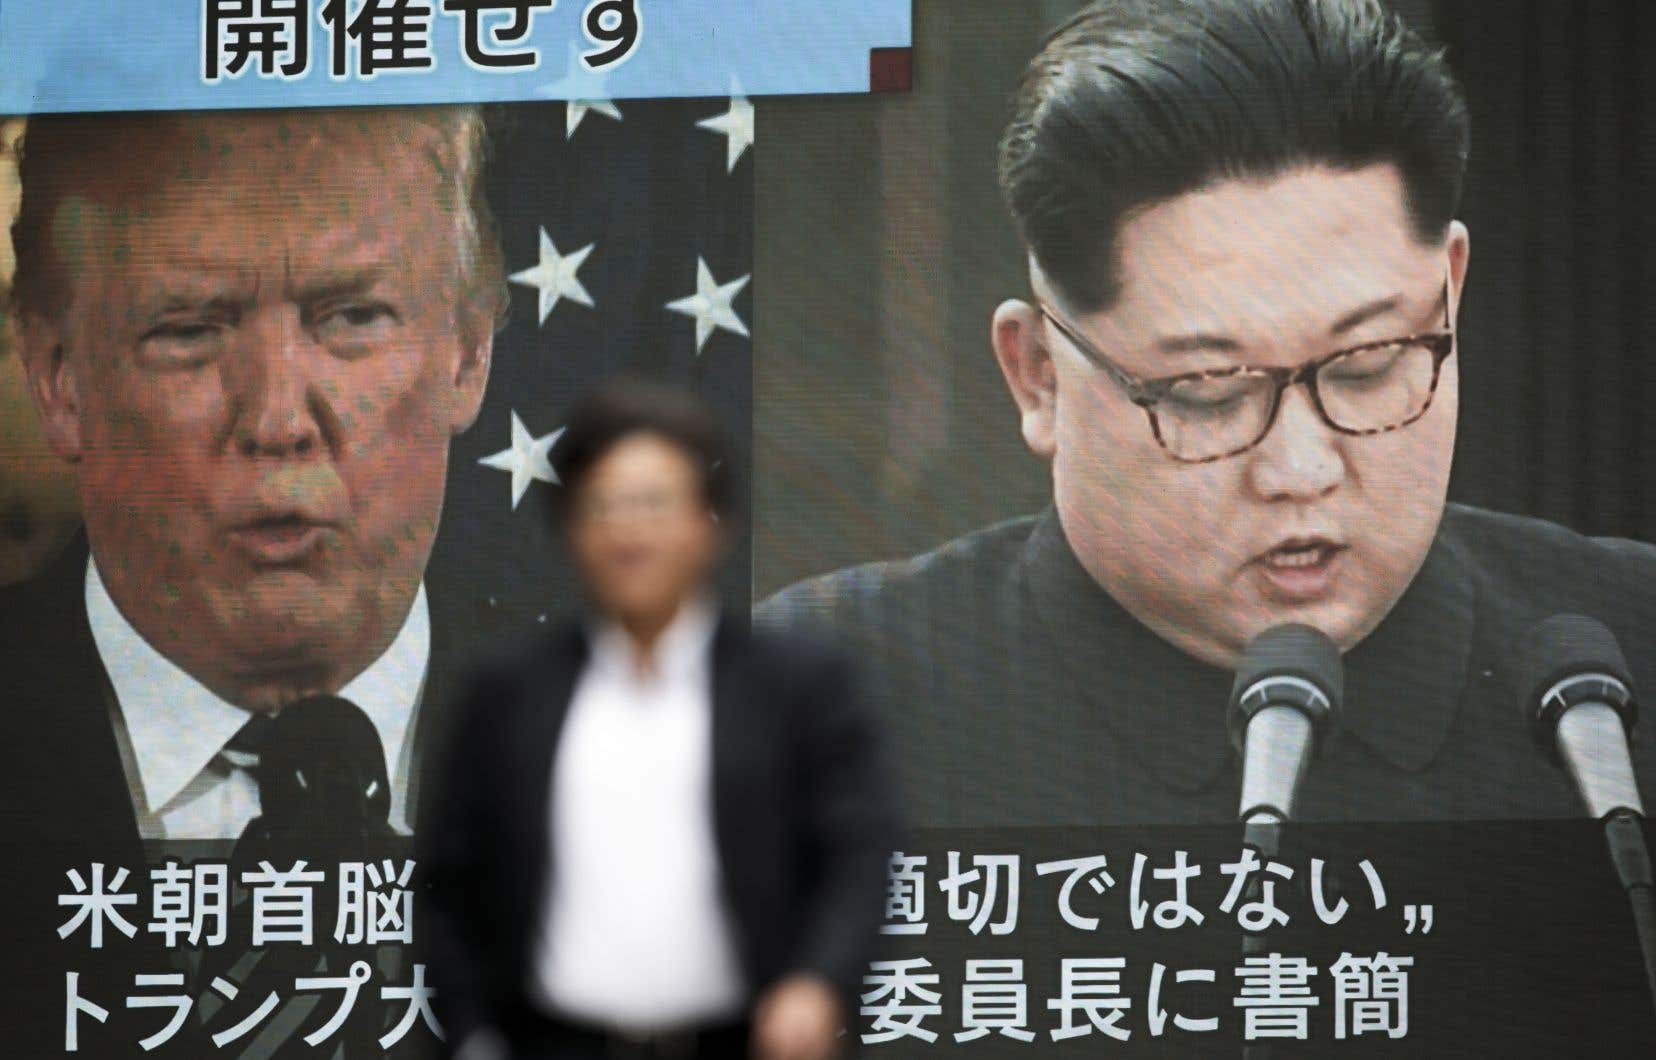 «J'estime véritablement que la Corée du Nord à un brillant potentiel et sera une grande nation économique et financière un jour. Kim Jong-un est d'accord avec moi là-dessus. Cela arrivera!»a écrit le président américain sur Twitter.